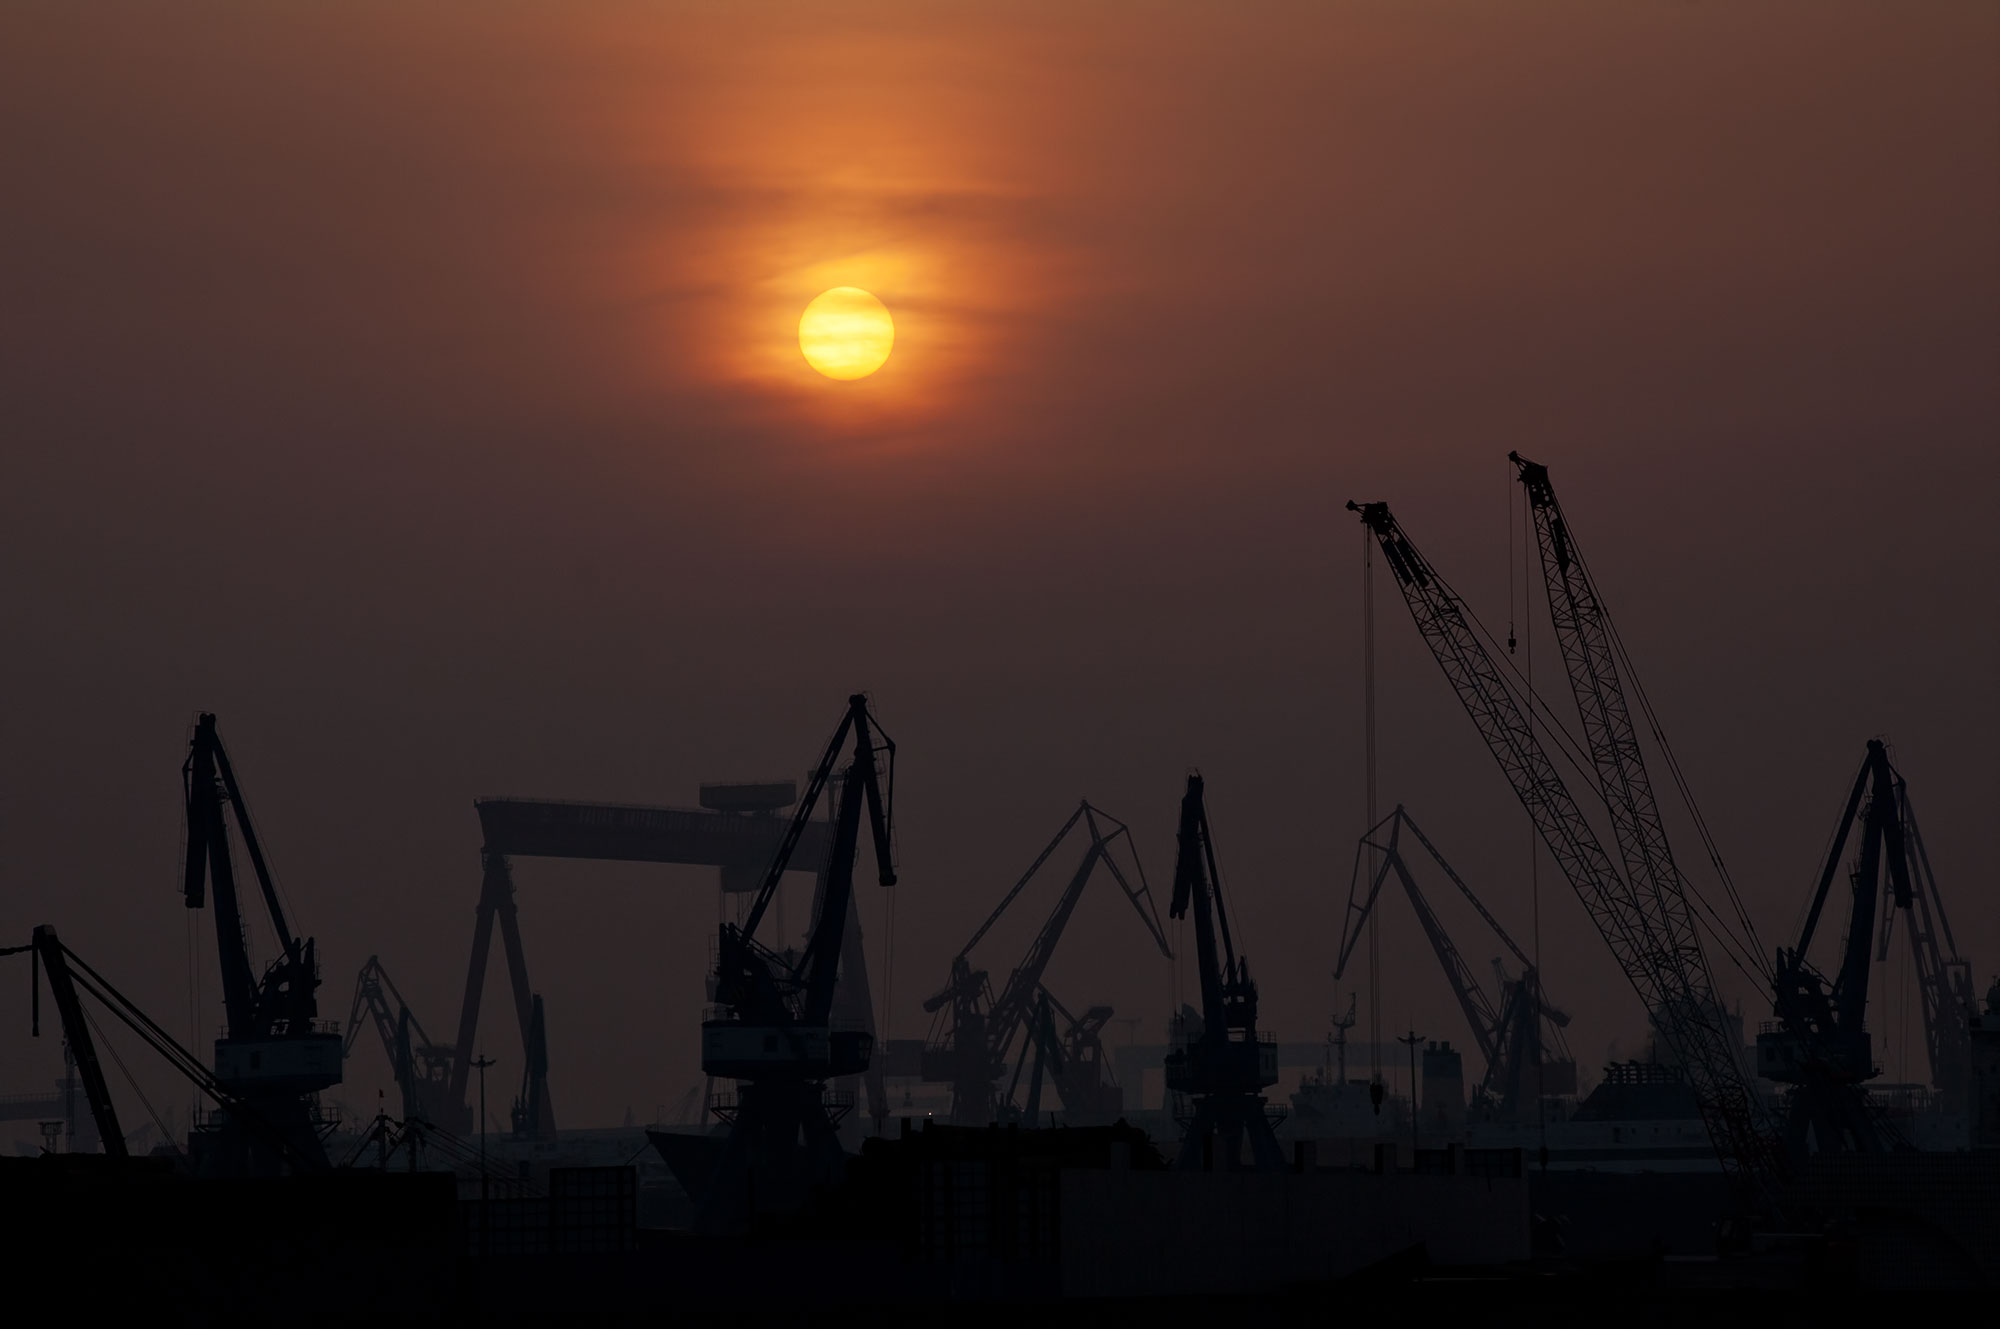 Sonnenuntergang über dem Hafen von Dalian